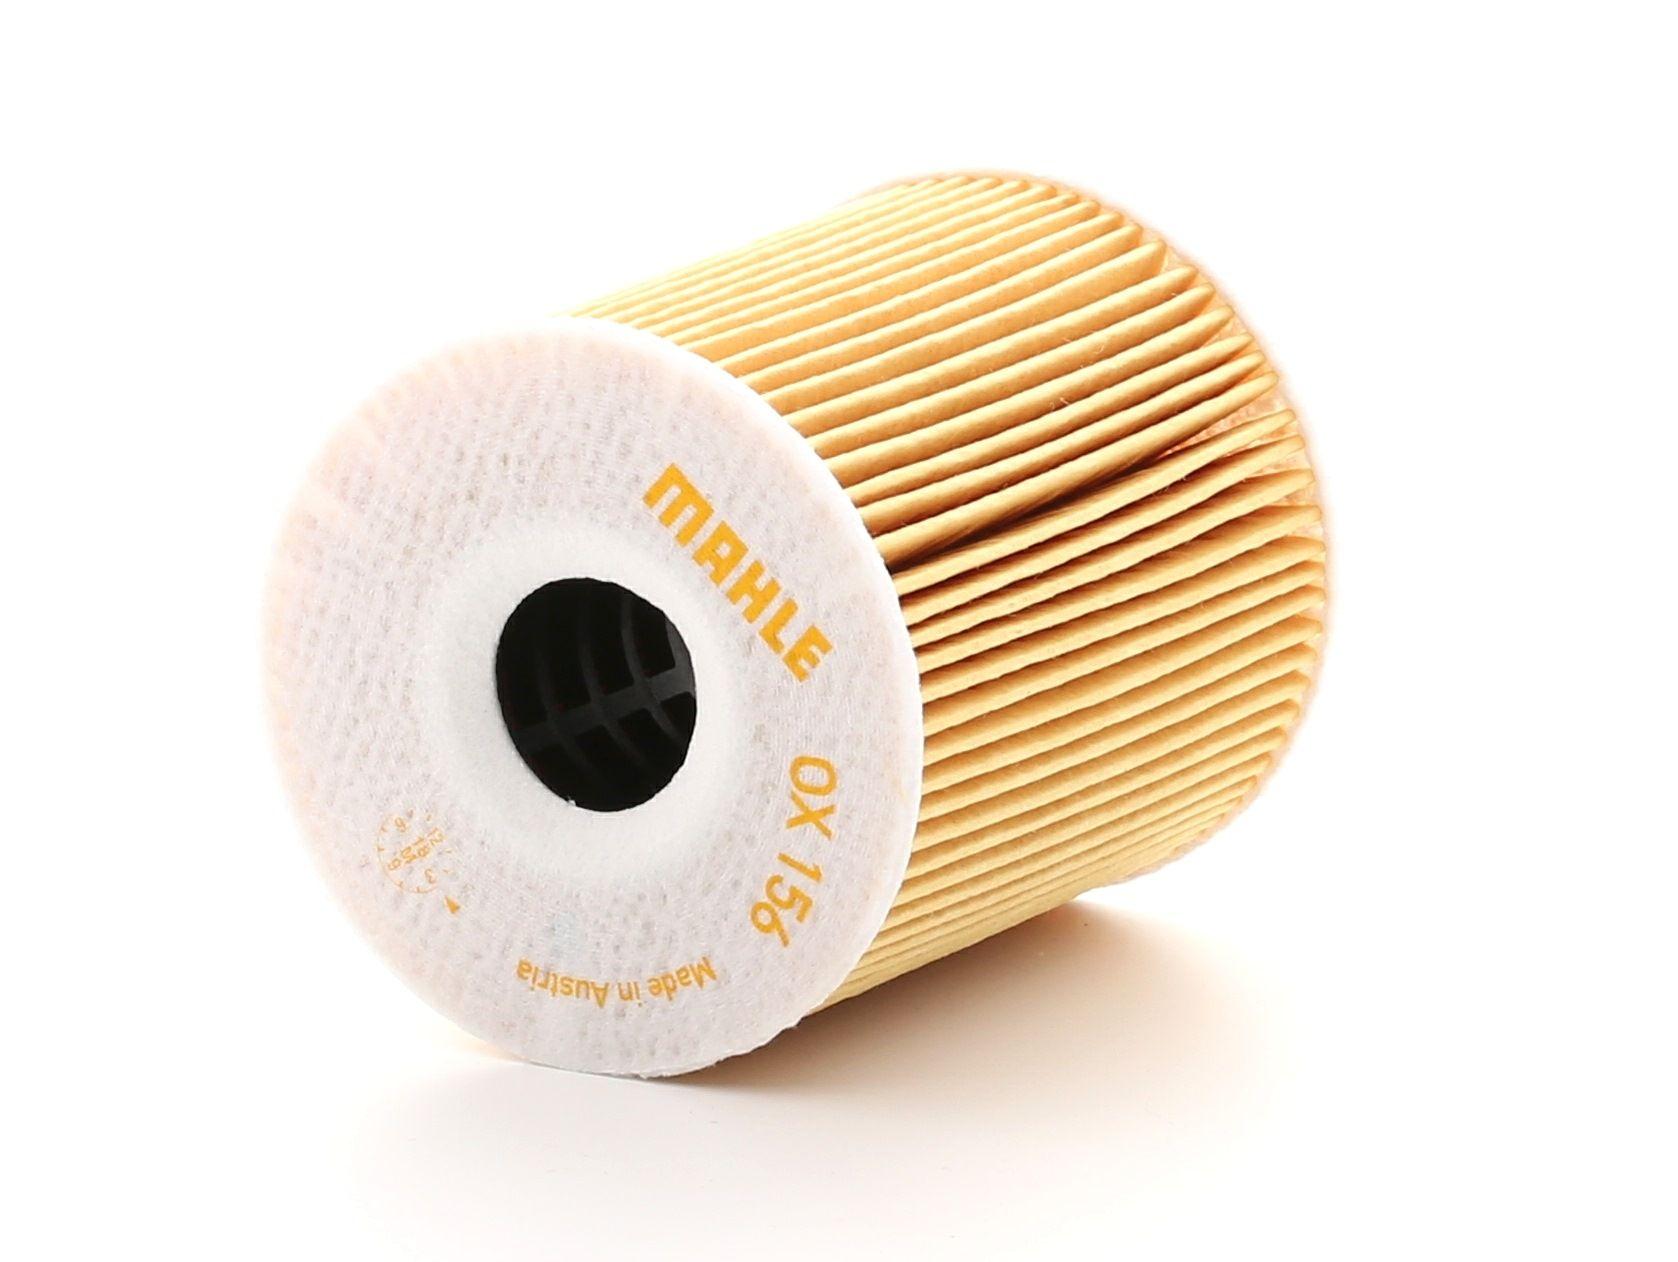 79926021 MAHLE ORIGINAL Filtereinsatz Innendurchmesser 2: 23mm, Ø: 72,0mm, Ø: 72,0mm, Höhe: 79mm, Höhe 1: 79mm Ölfilter OX 156D günstig kaufen